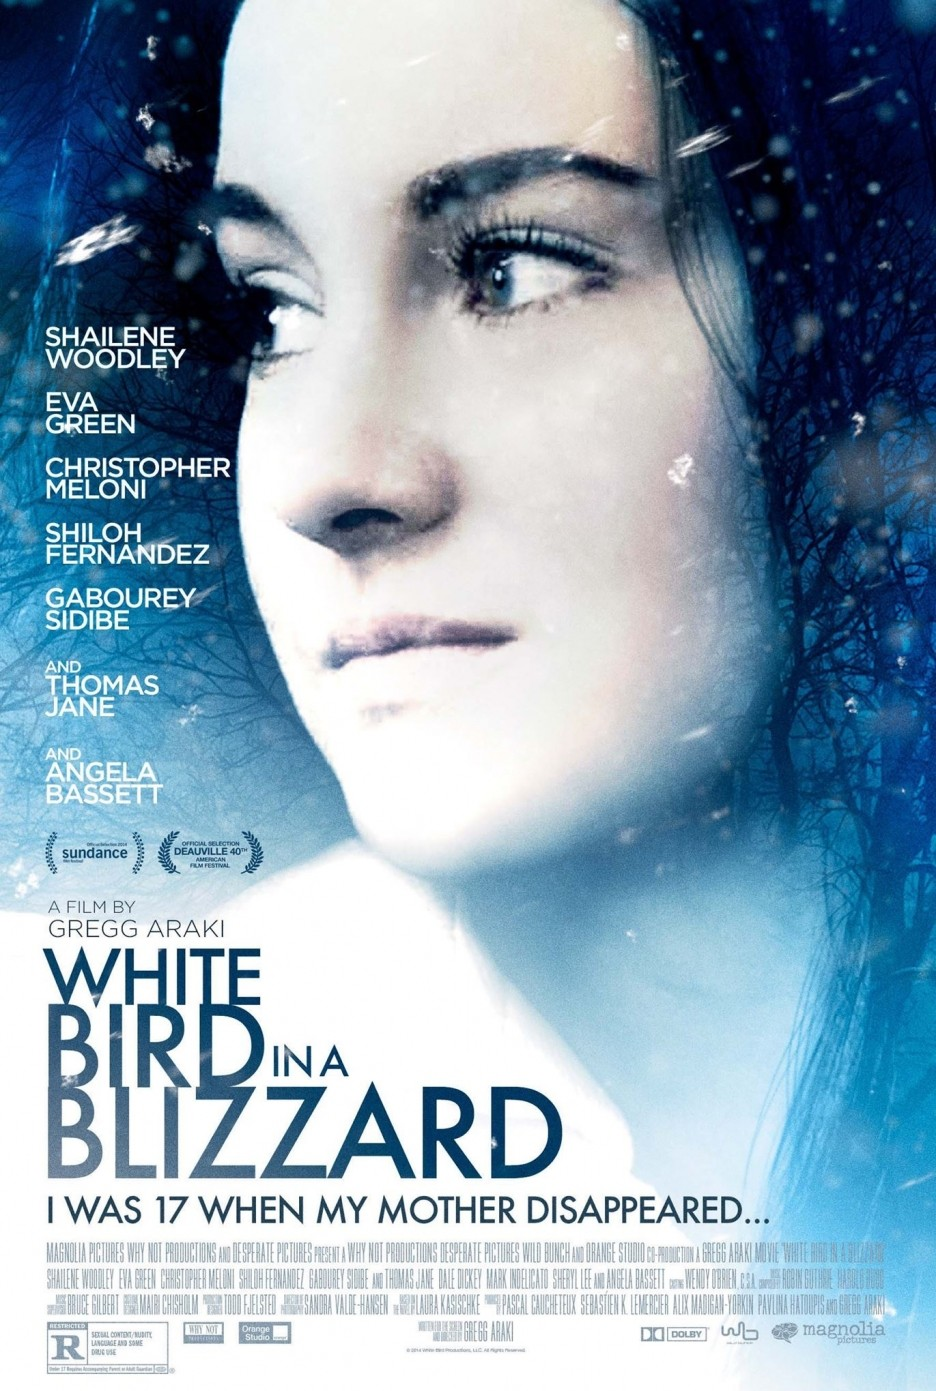 White Bird in a Blizzard movie poster